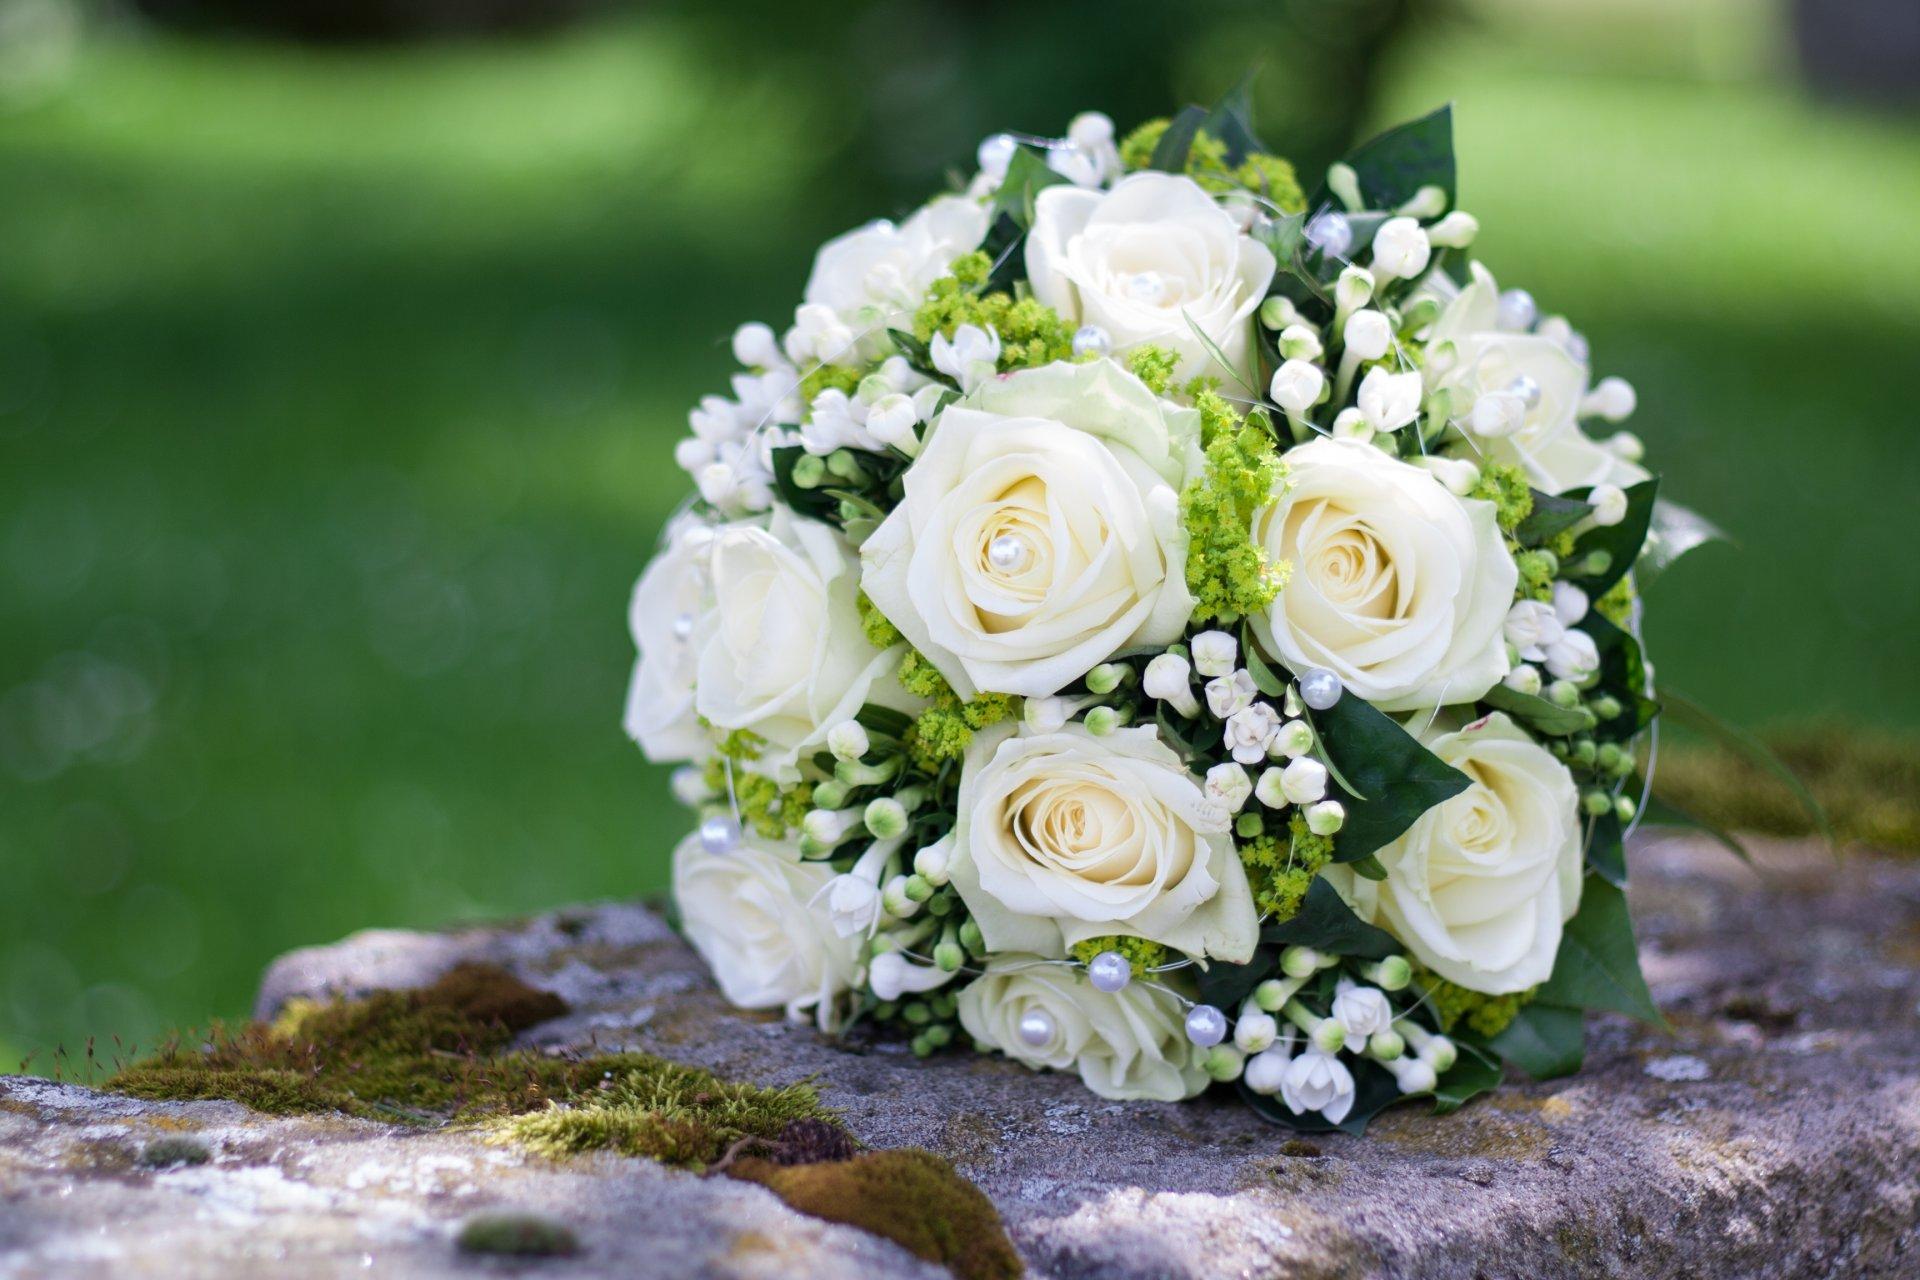 Цветов, шикарные белых свадебные букеты фото